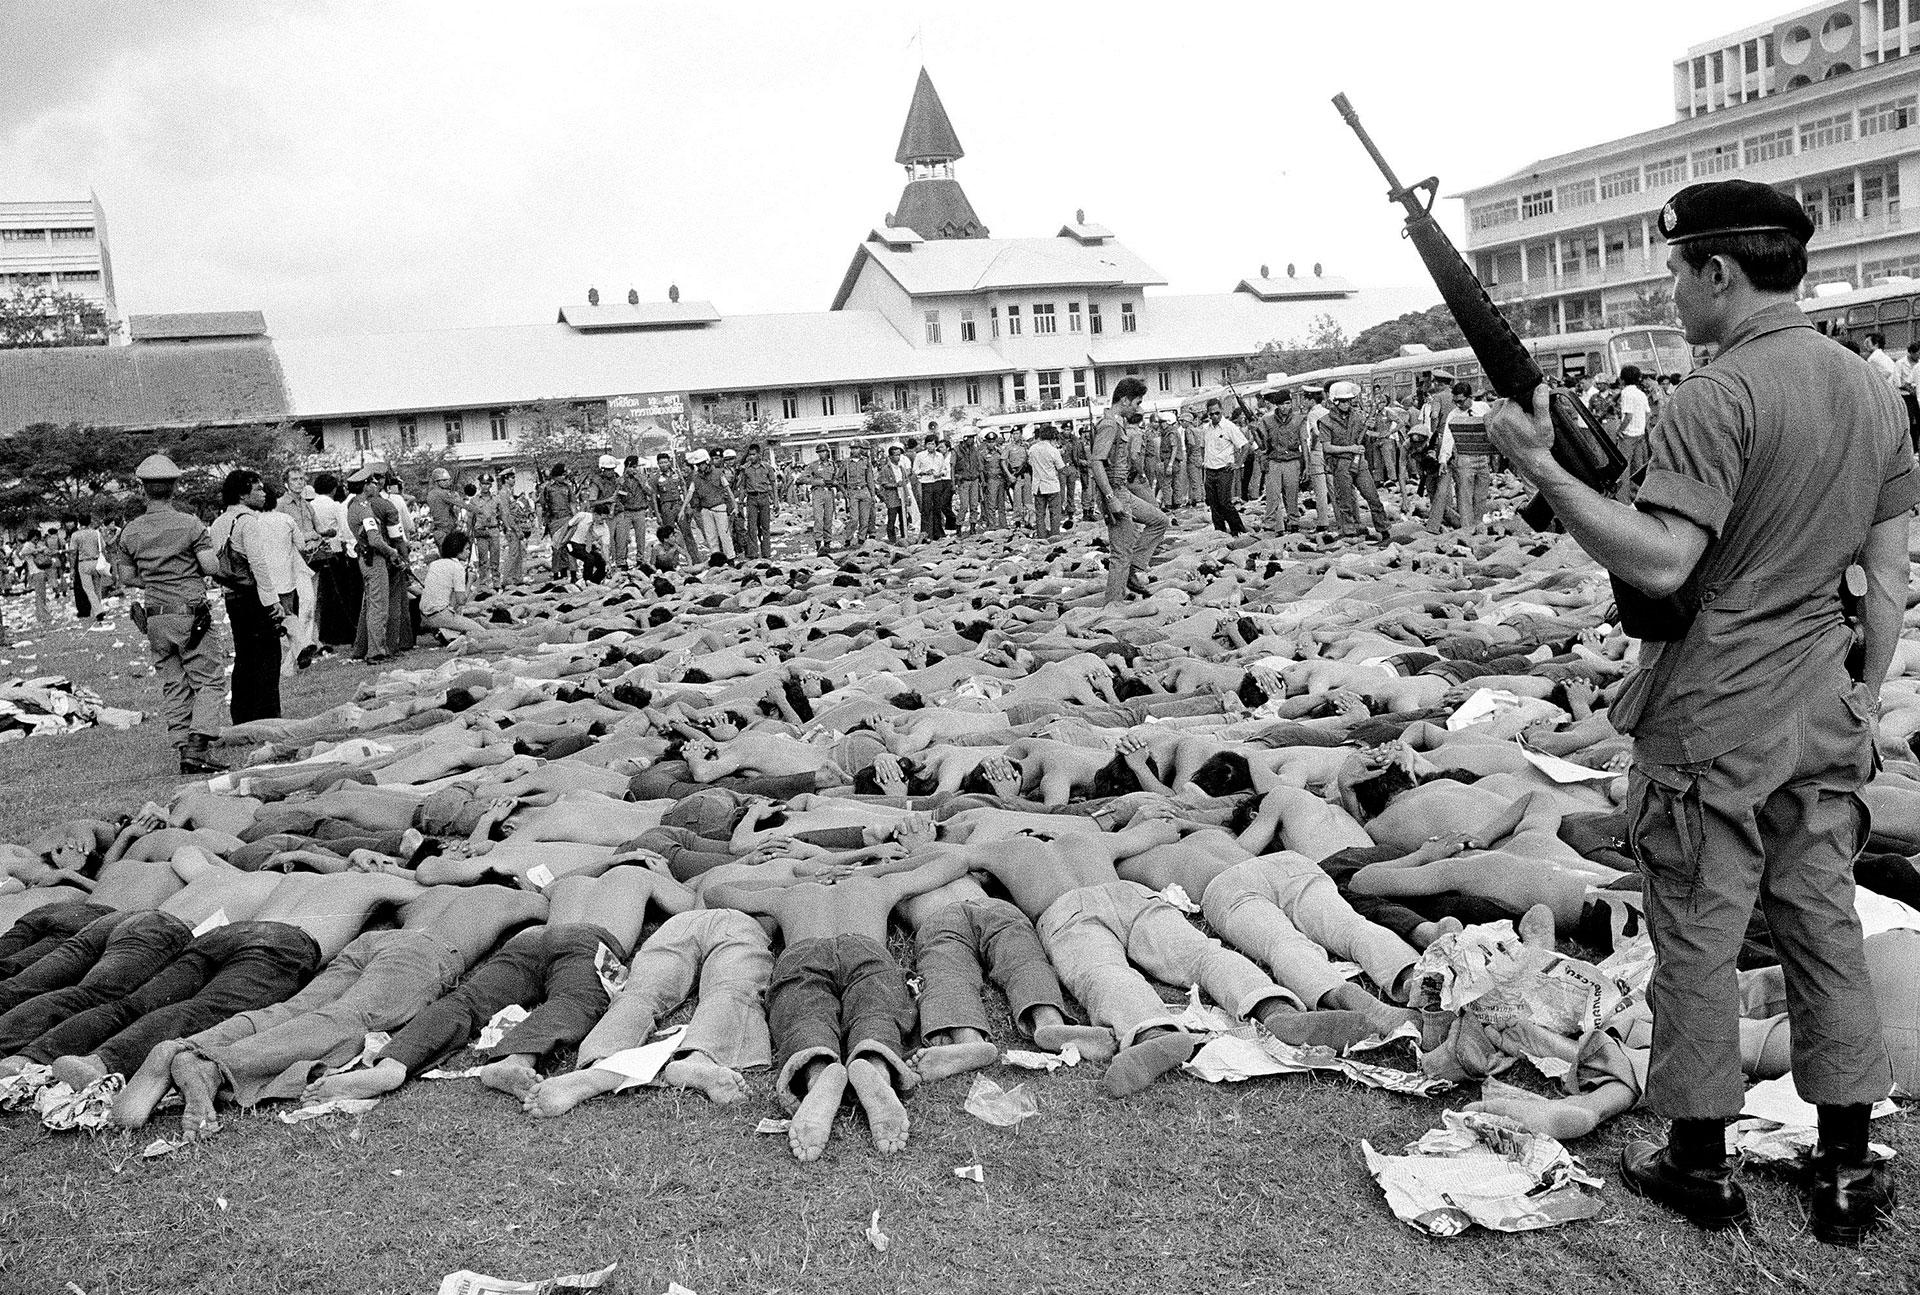 El ejército detiene a los estudiantes de la Universidad Thammasat durante la masacre | Fuente: Associated Press